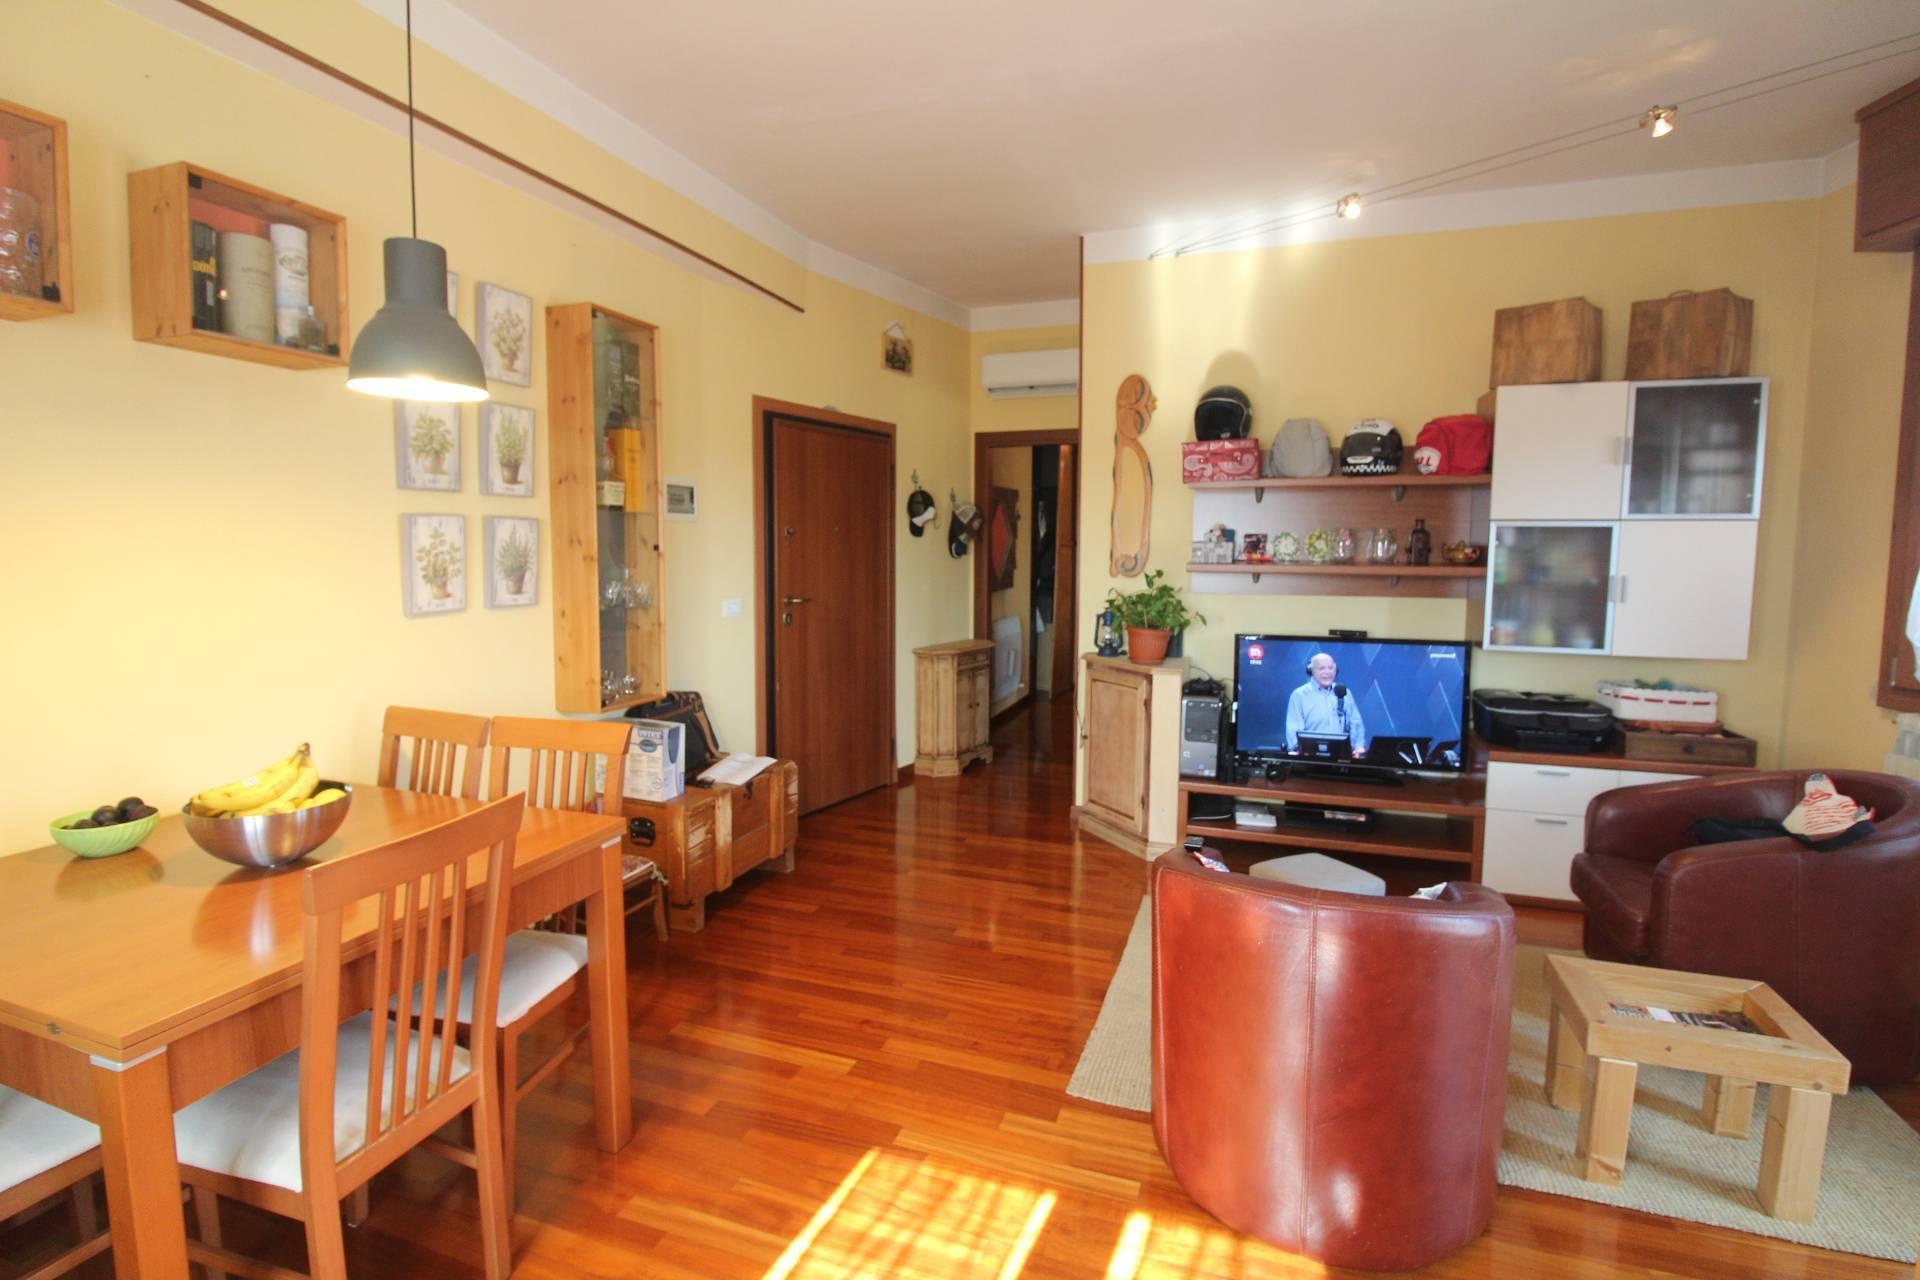 Appartamento in vendita a Argenta, 2 locali, prezzo € 45.000 | CambioCasa.it